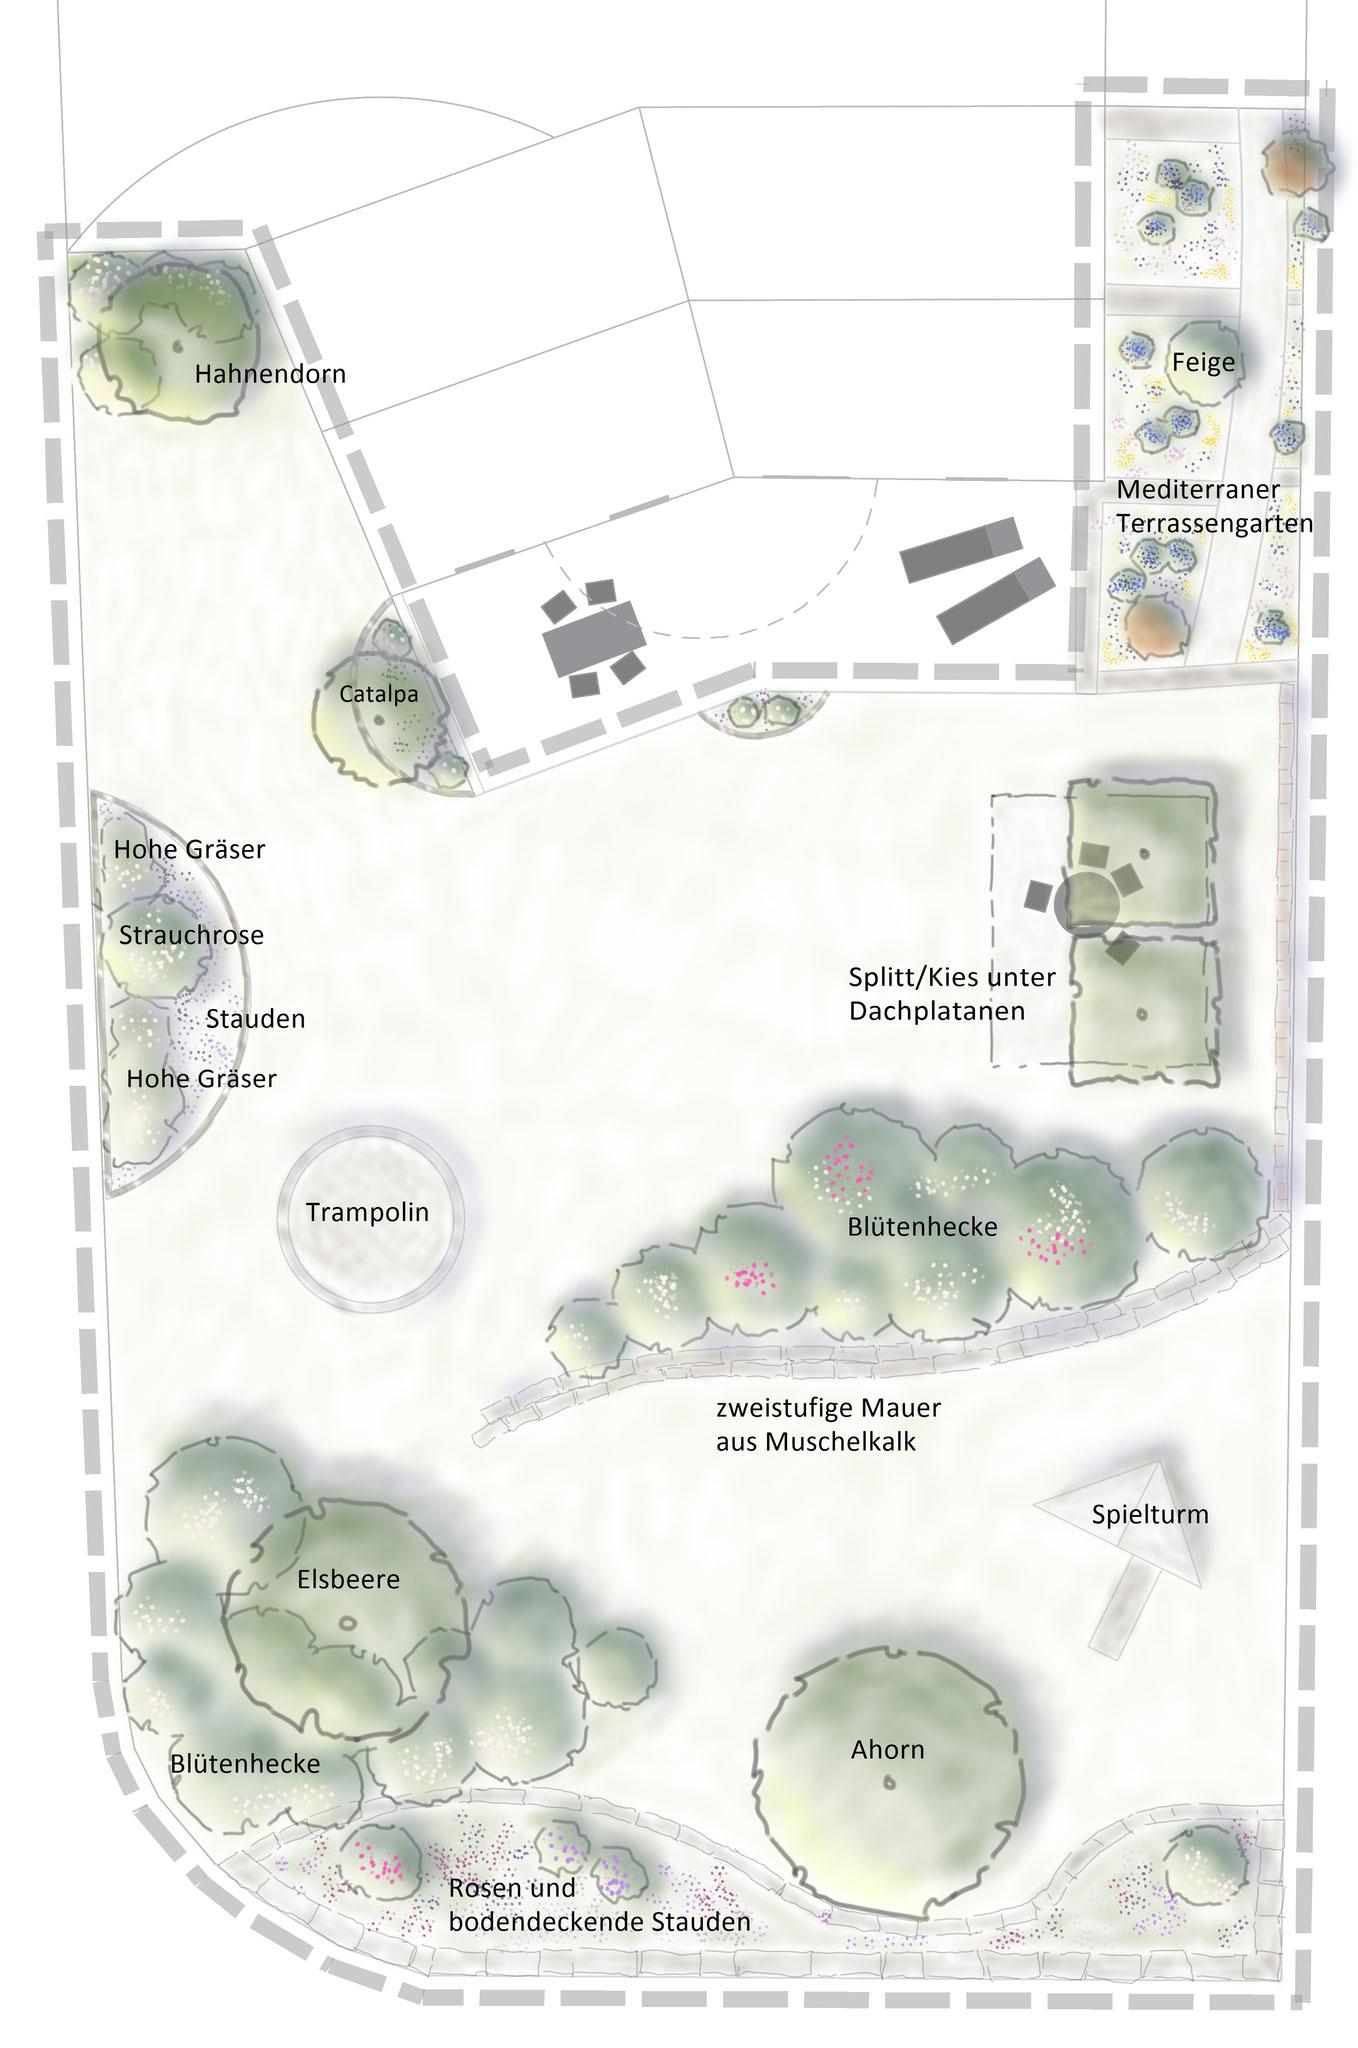 Gartenidee für die Umgestaltung eines Familiengartens im LKR Hassberge